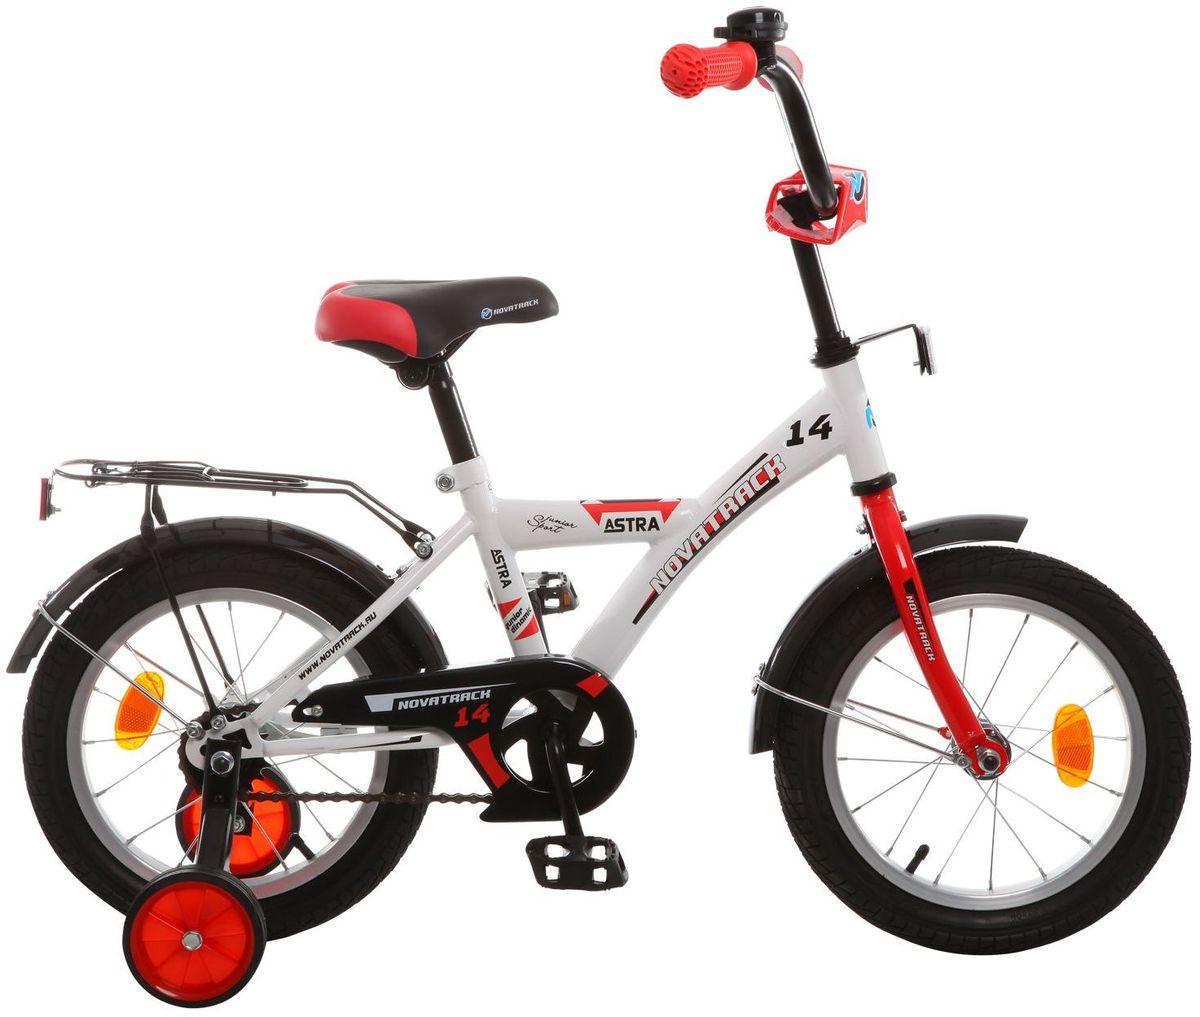 Велосипед детский Novatrack Astra, цвет: белый, красный, 14143ASTRA.WT5Хотите, чтобы ваш ребенок играя укреплял здоровье? Тогда ему нужен удобный и надежный велосипед Novatrack Astra 14, рассчитанный на малышей 3-5 лет. Одного взгляда малыша хватит, чтобы раз и навсегда влюбиться в свой новенький двухколесный транспорт, который в принципе, сначала можно назвать и четырехколесным. Дополнительную устойчивость железному коню обеспечивают два маленьких съемных колеса в цвет велосипеда. Astra собрана на базе рамы с универсальной геометрией, которая позволяет легко взобраться или слезть с велосипеда, при этом он имеет такой вес, что маленький ребенок сам легко справляется со своим транспортным средством. Так как велосипед предназначен для самых маленьких, предусмотрен ограничитель поворота руля, который не позволит сильно завернуть руль и упасть. Еще один элемент безопасности – это защита цепи, которая оберегает одежду и ноги малыша от попадания в механизм. Стильные крылья защитят от грязи и брызг, а на багажнике ребенок сможет перевозить массу полезных в дороге вещей. Данная модель маневренна и легко управляется, поэтому ребенку будет несложно и интересно учиться езде.Какой велосипед выбрать? Статья OZON Гид